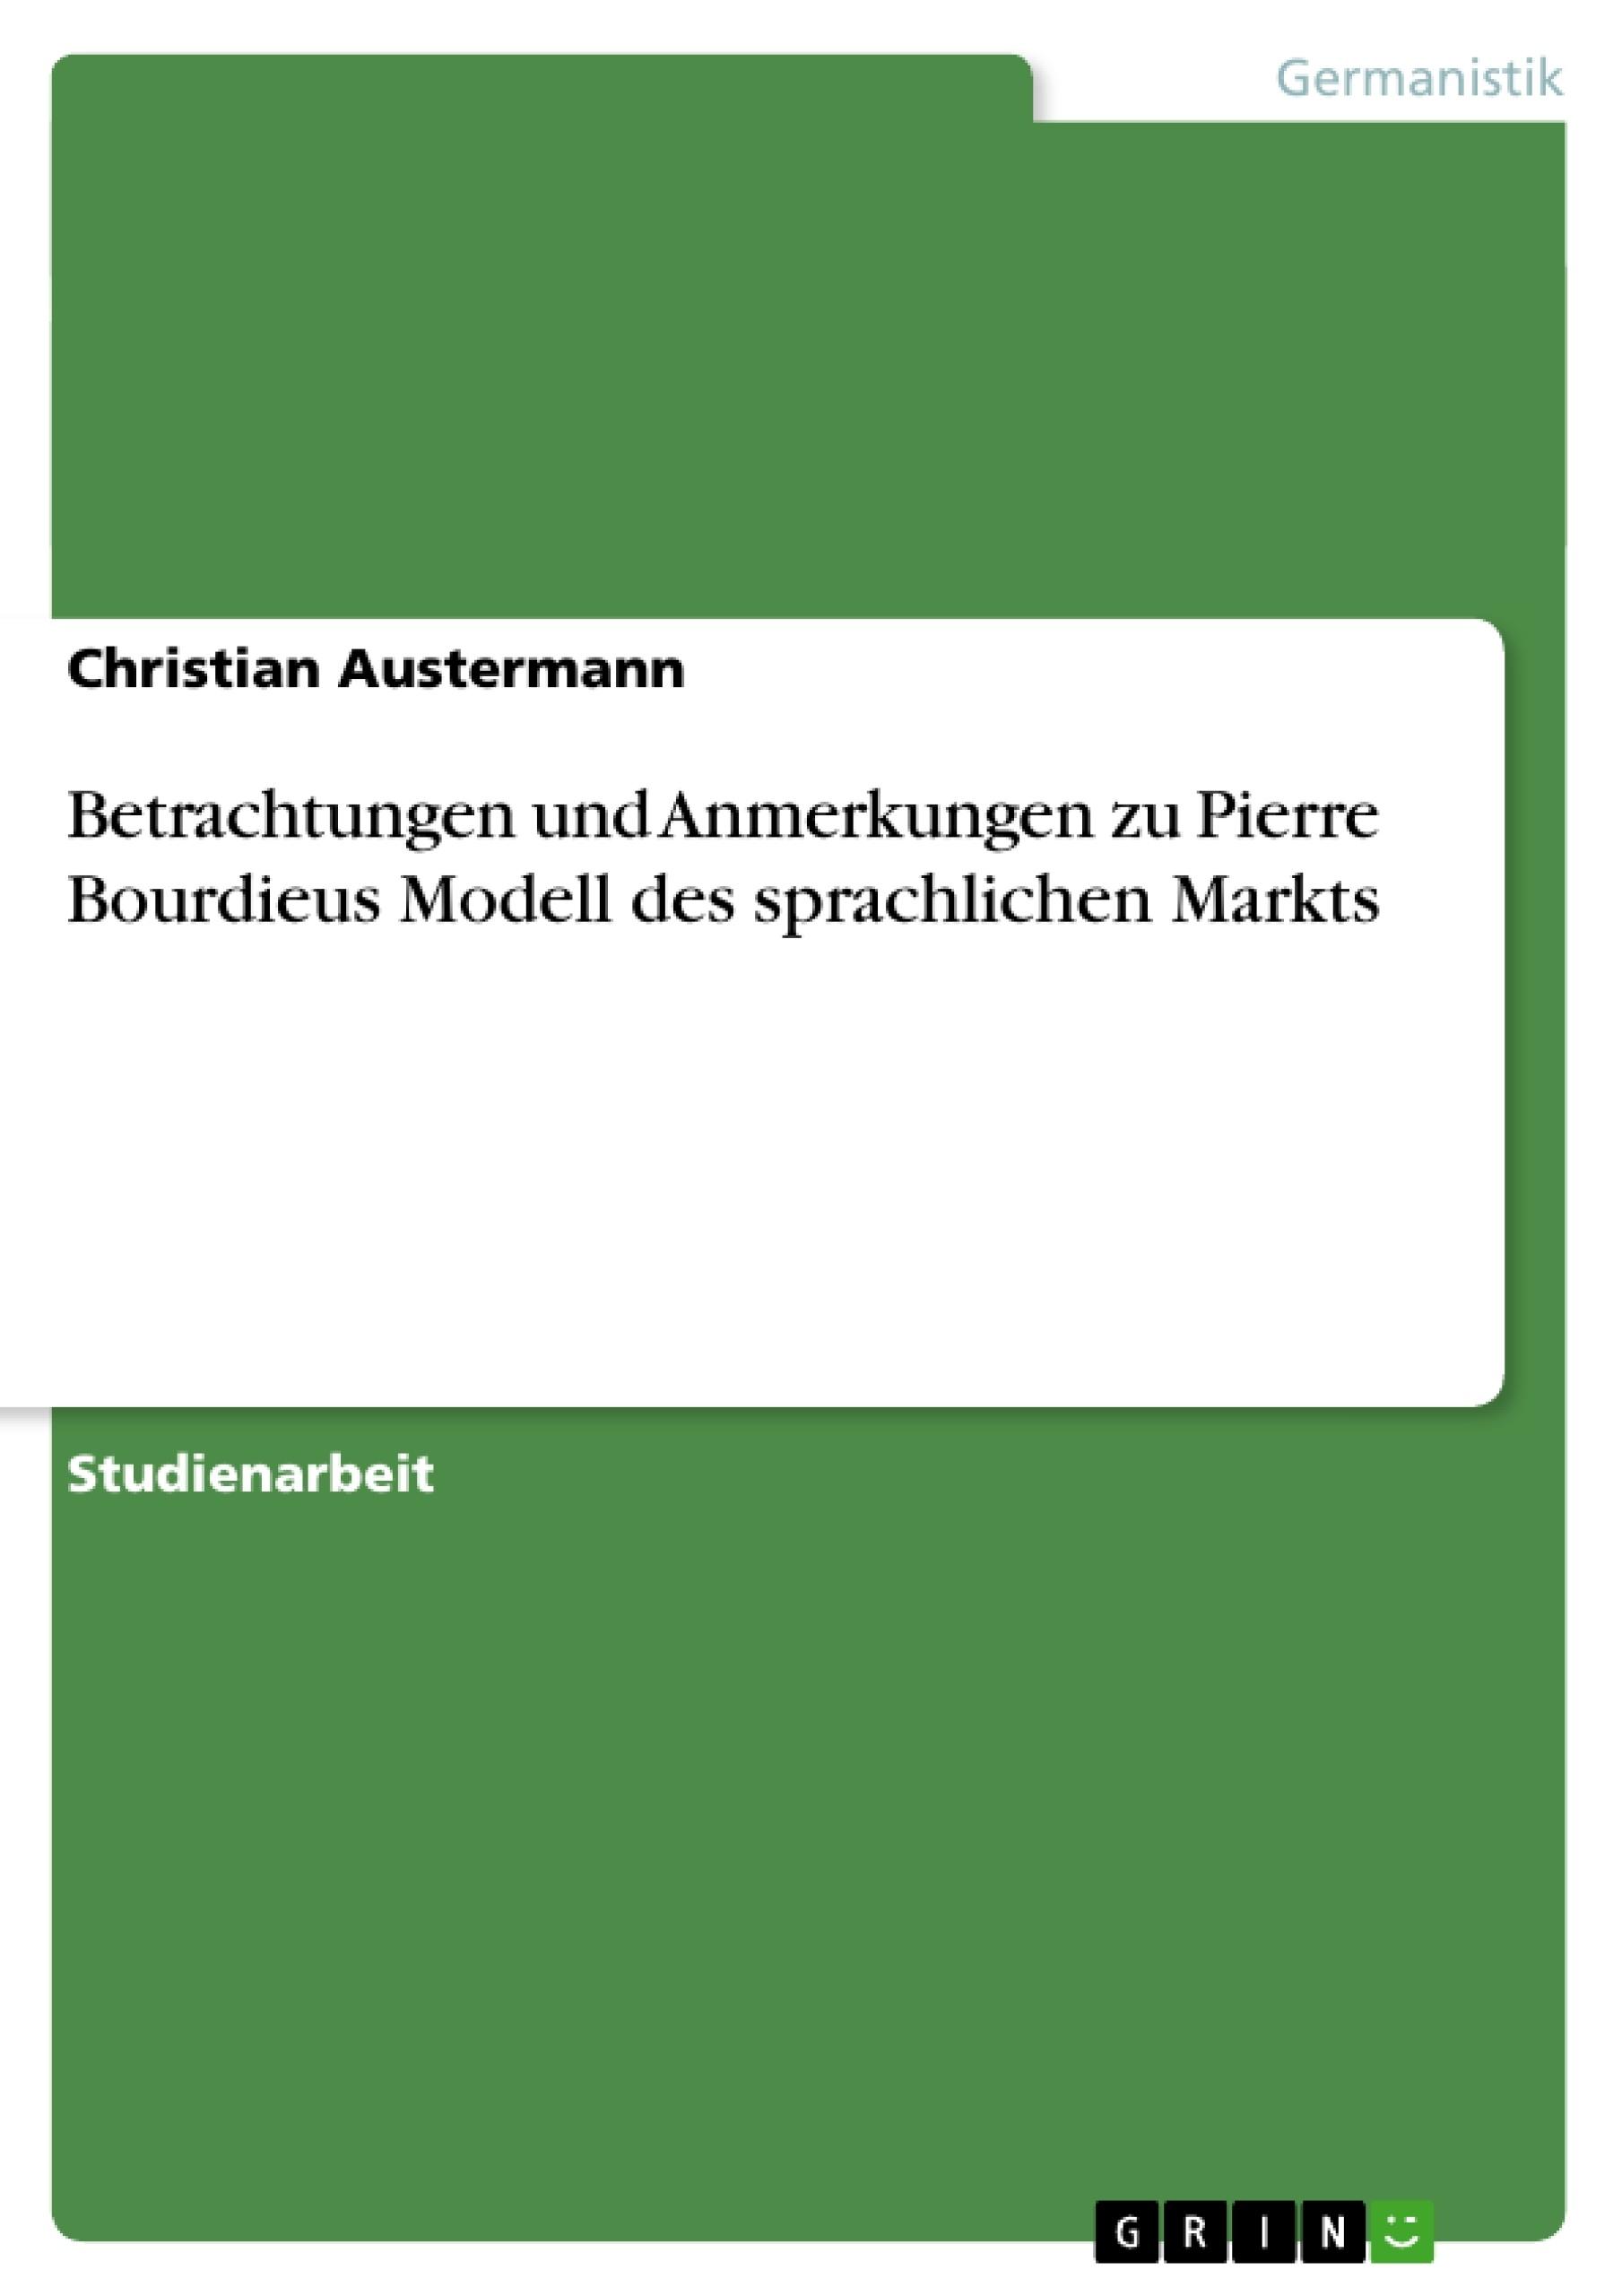 Titel: Betrachtungen und Anmerkungen zu Pierre Bourdieus Modell des sprachlichen Markts